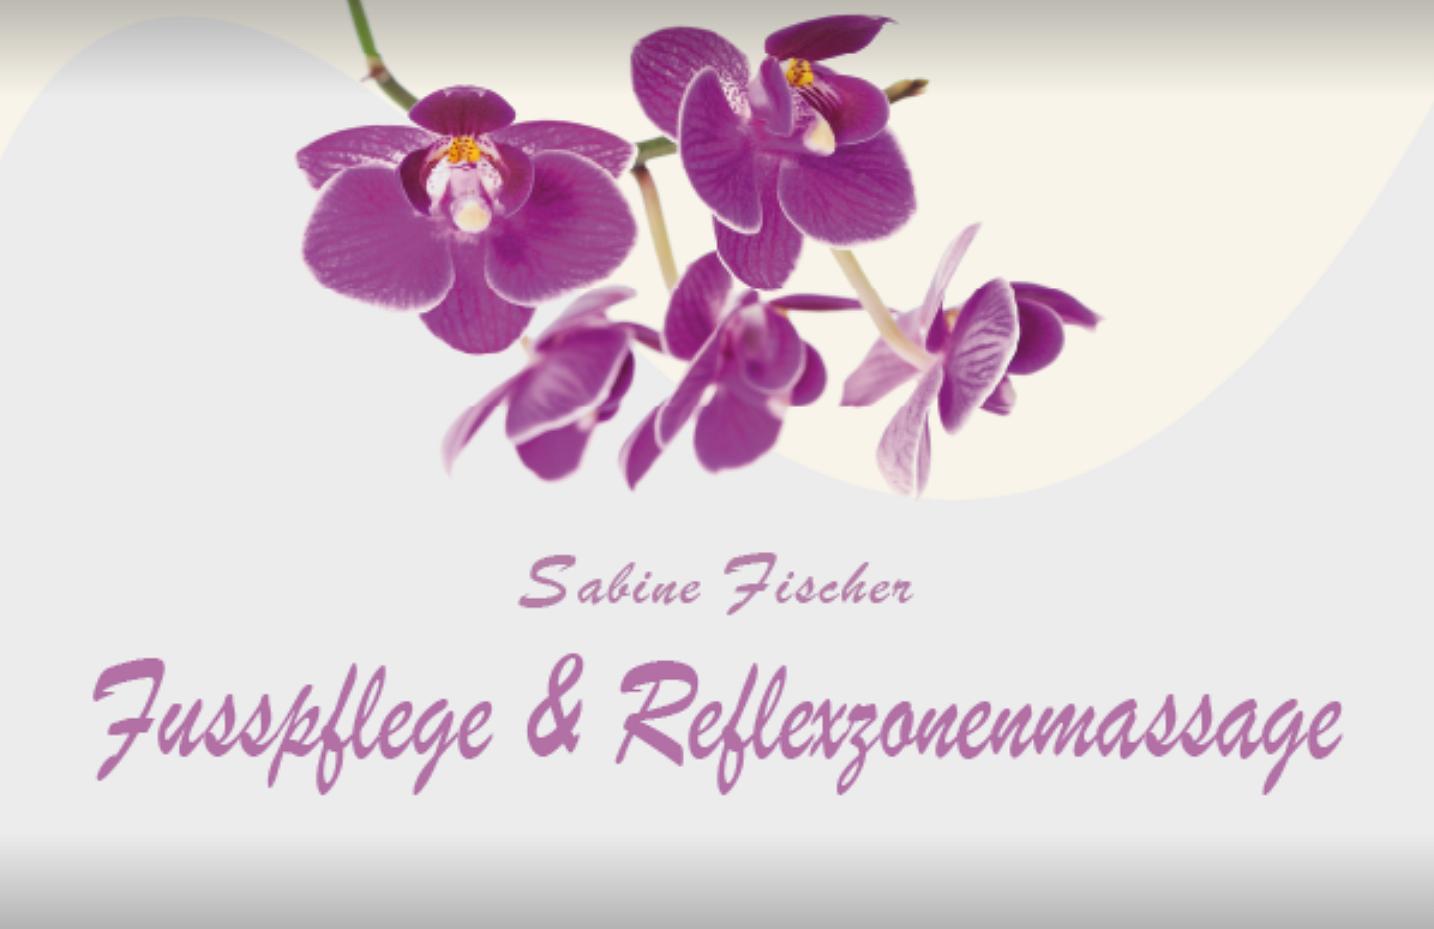 Fischer Sabine Fusspflege & Fussreflexzonenmassage